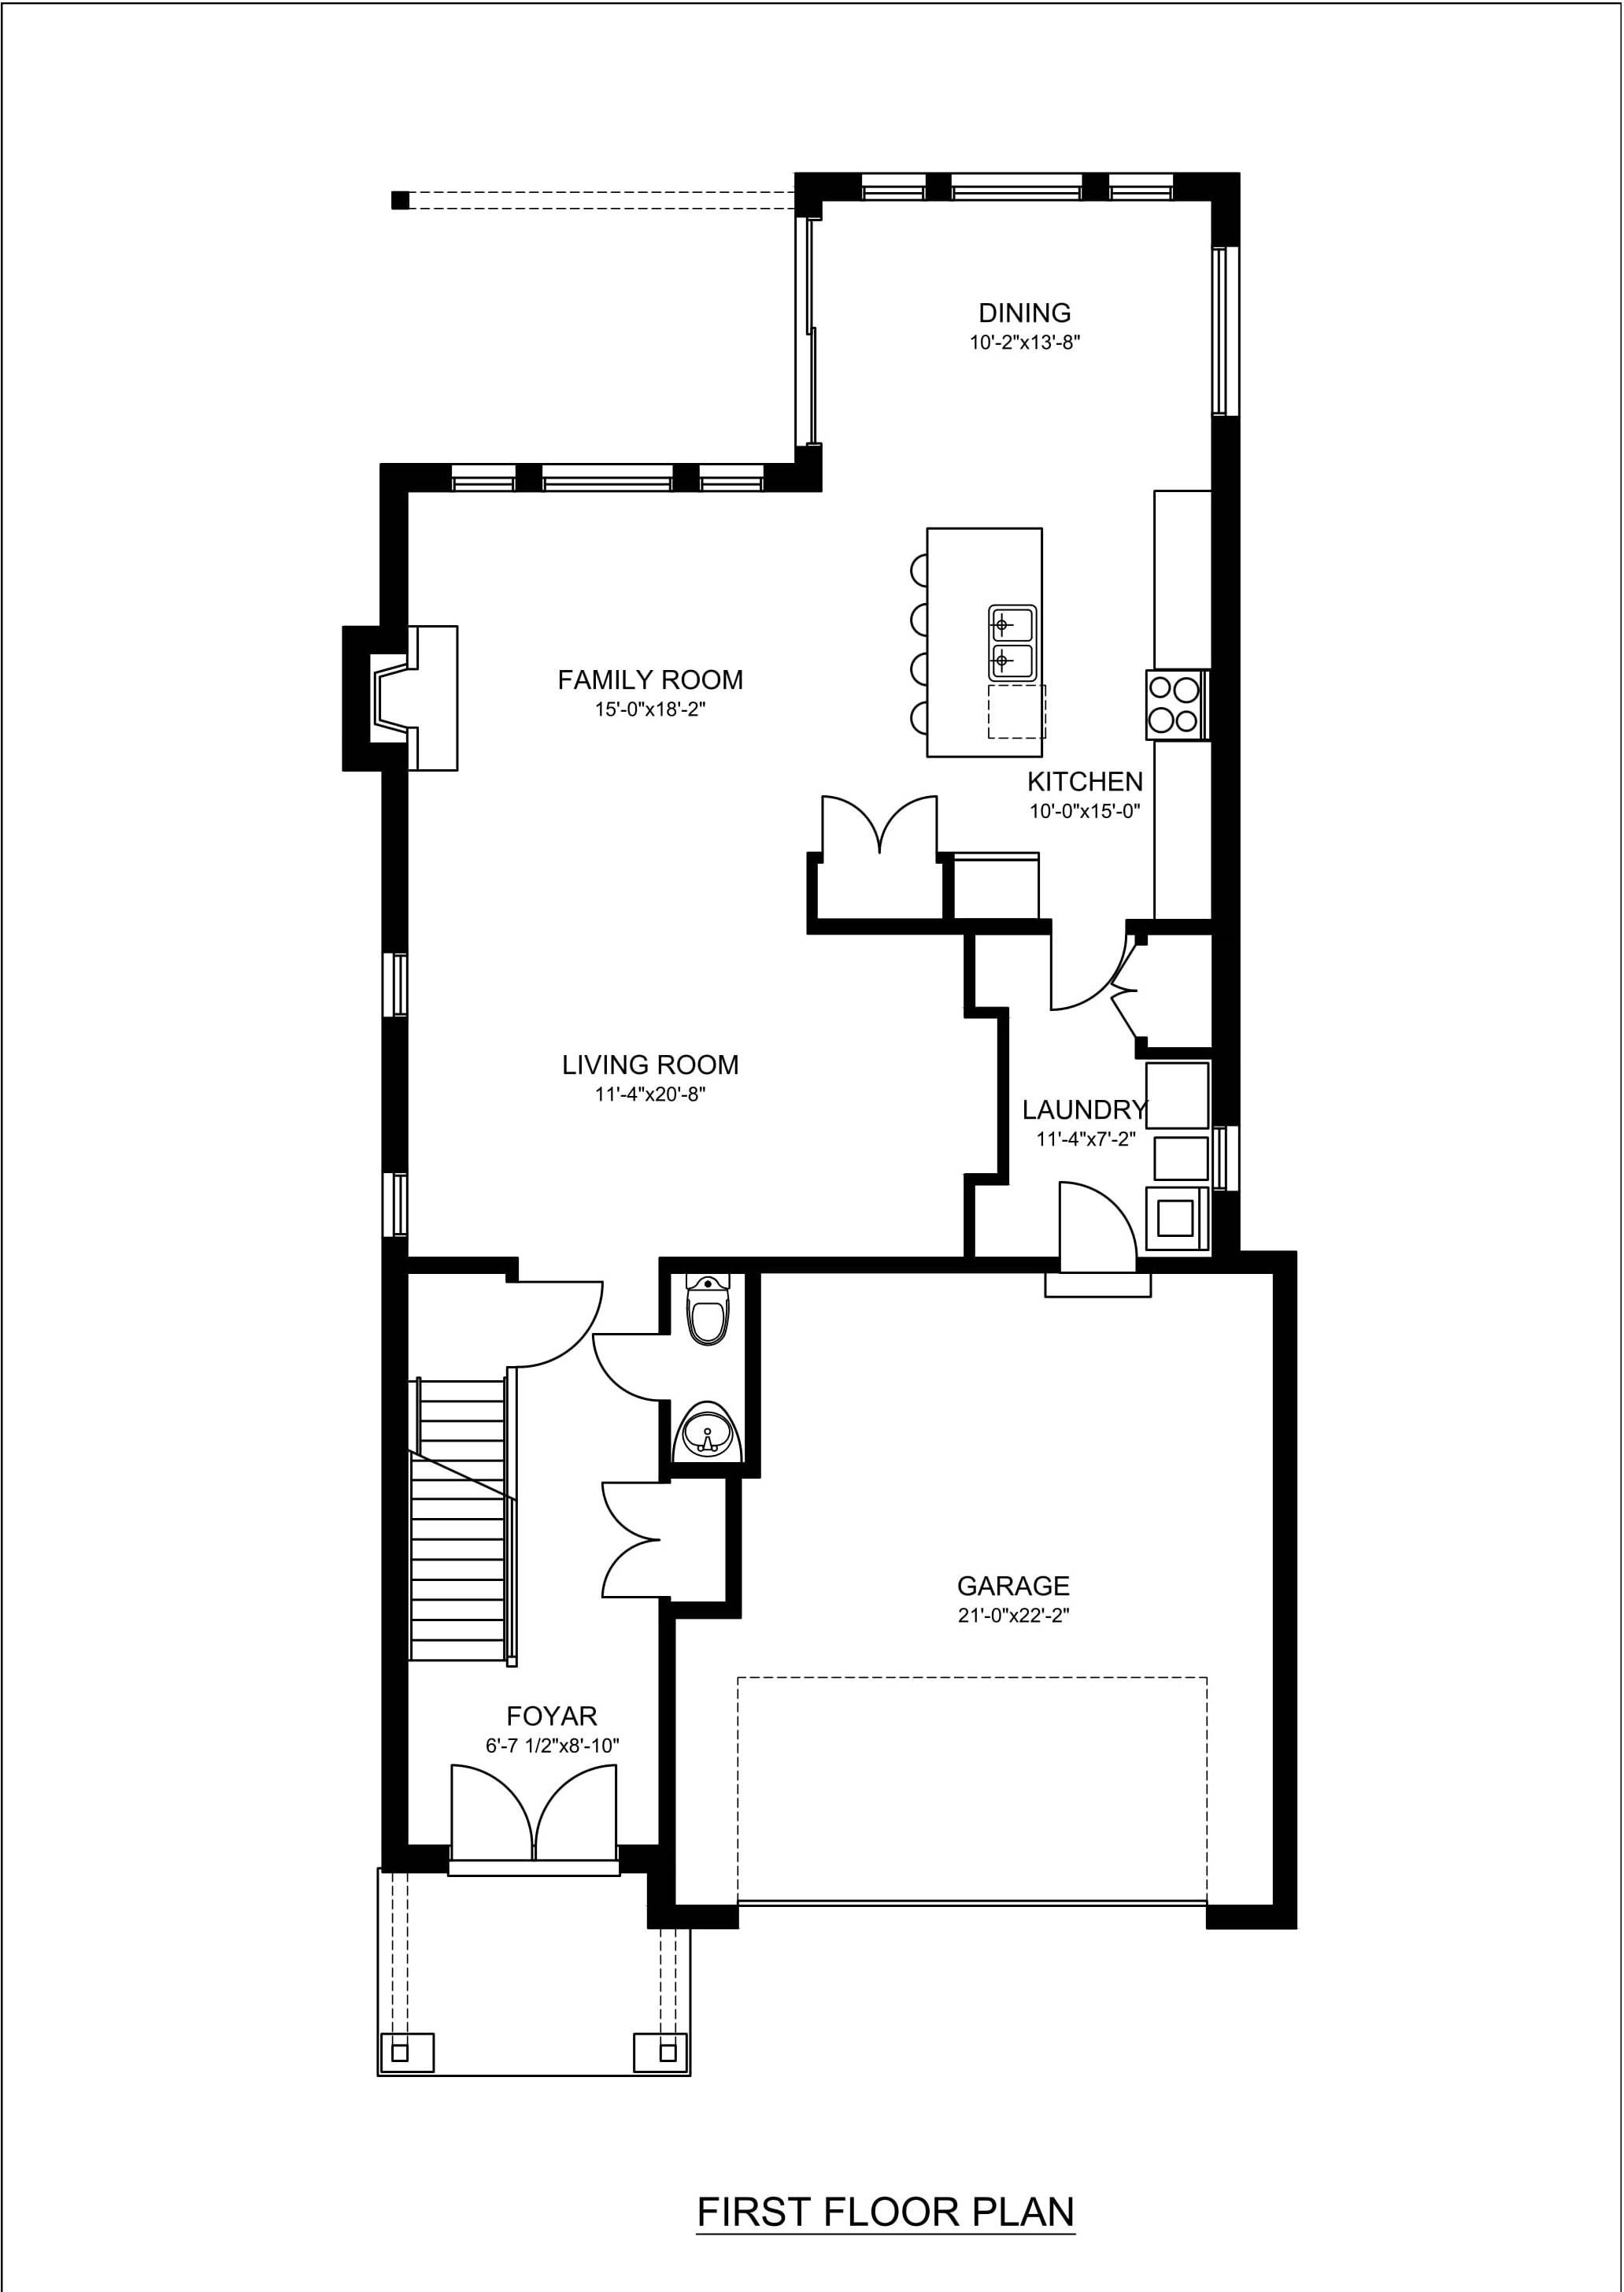 Real Estate 2d Floor Plans Design Rendering Samples